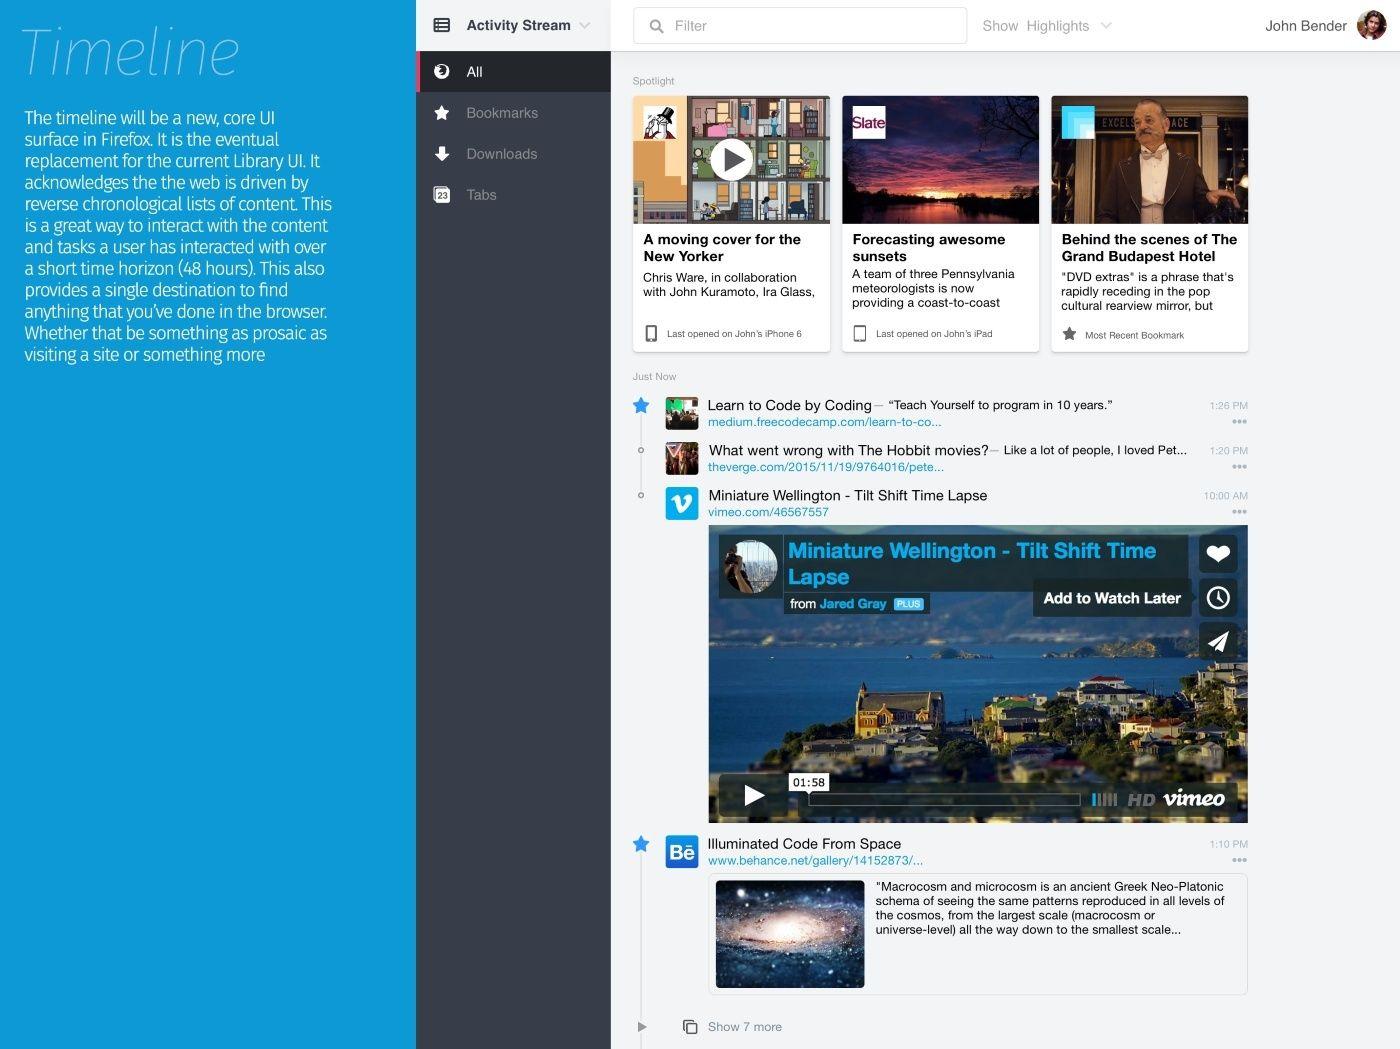 Firefox: Η σχεδιαστική ομάδα της Mozilla εργάζεται πάνω σε ένα νέο UI του περιηγητή της Sneak-10